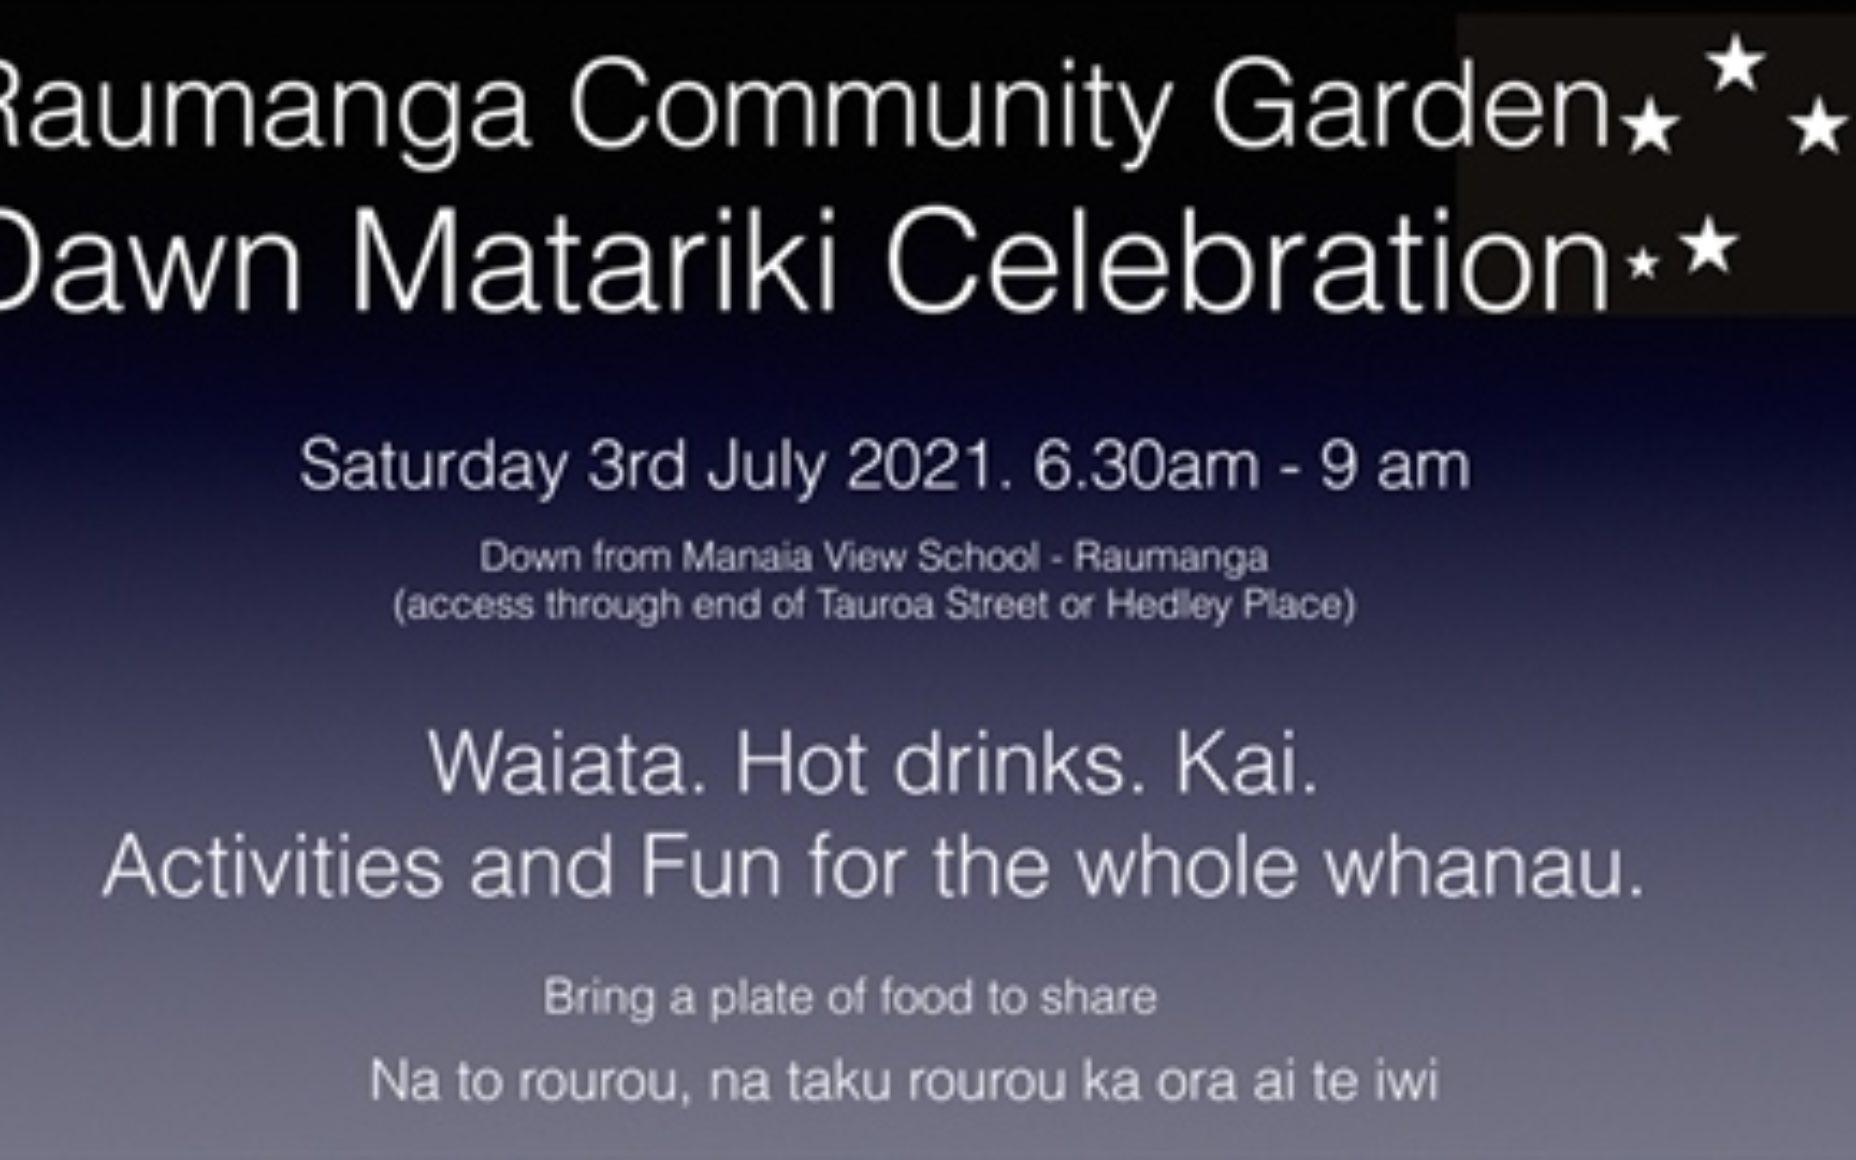 Raumanga Community Garden